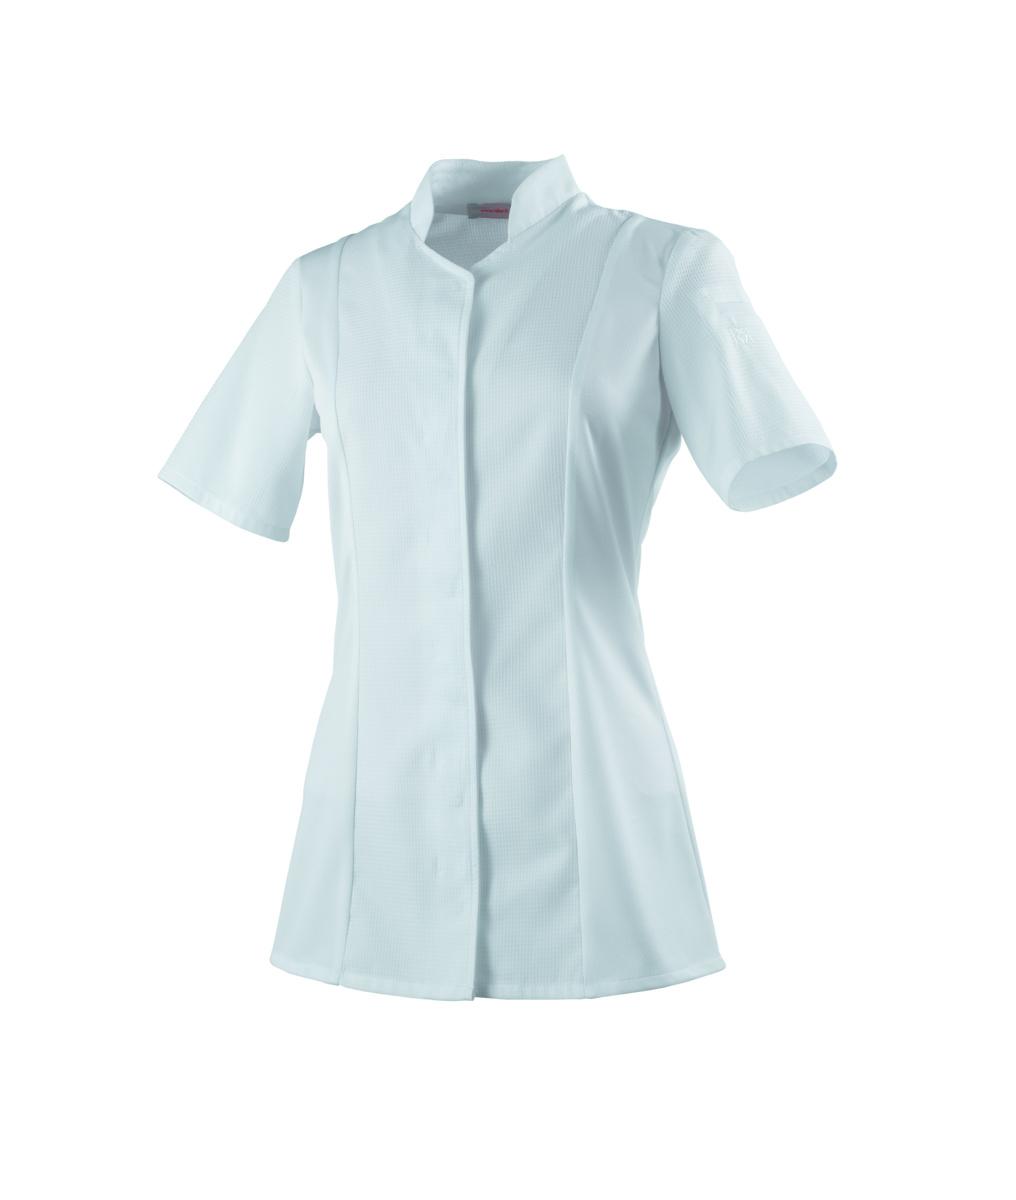 Veste femme manches courtes blanc taille 1 Abella Robur